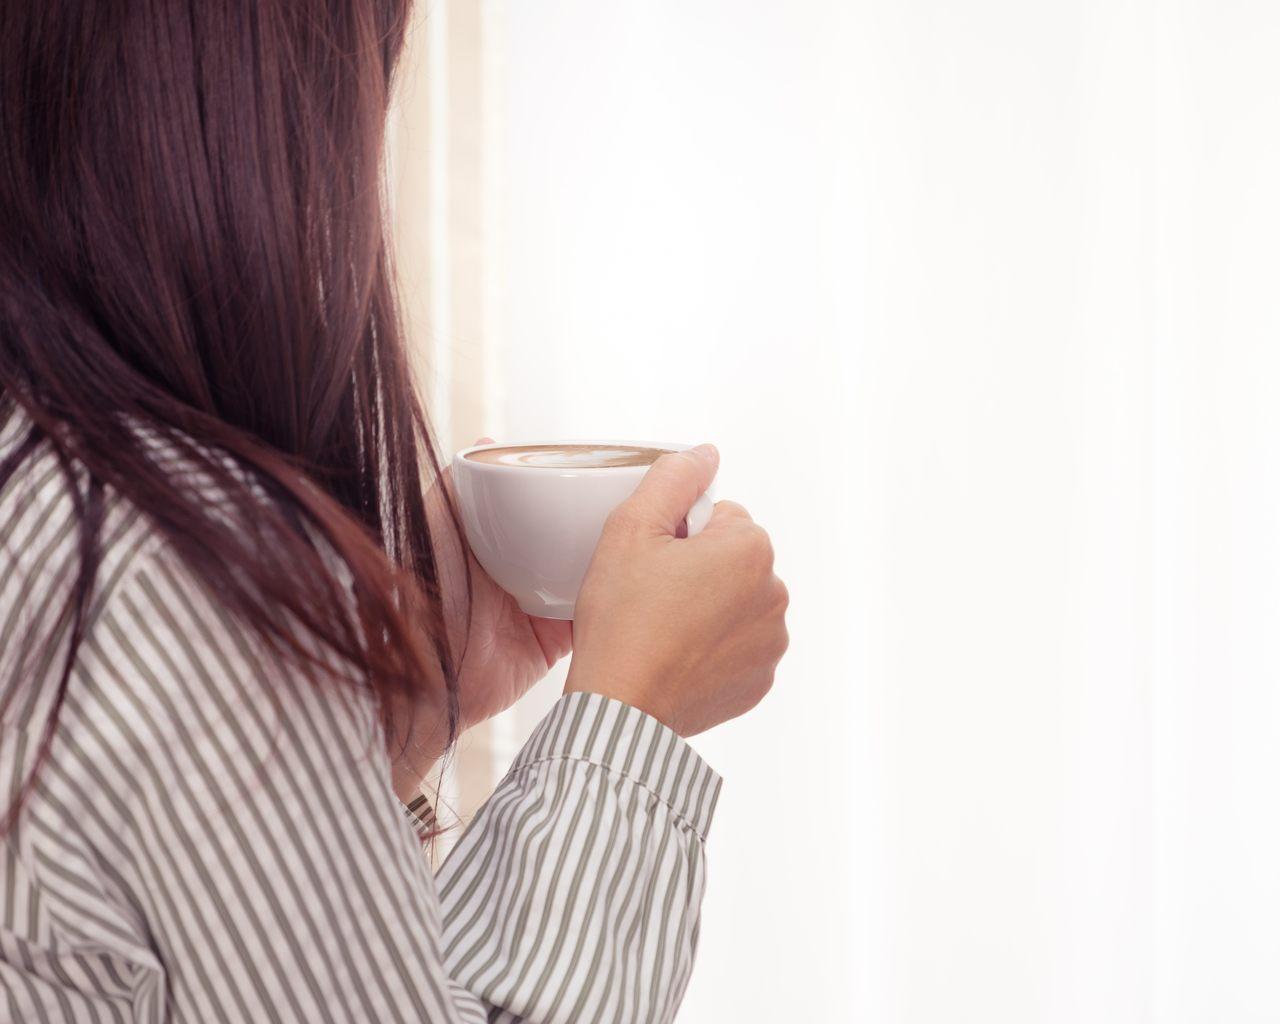 Sintomas da menopausa como saber se a menopausa chegou